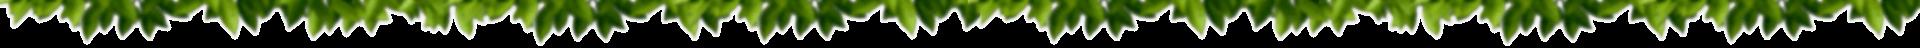 Grafisches Element - Blätterdach